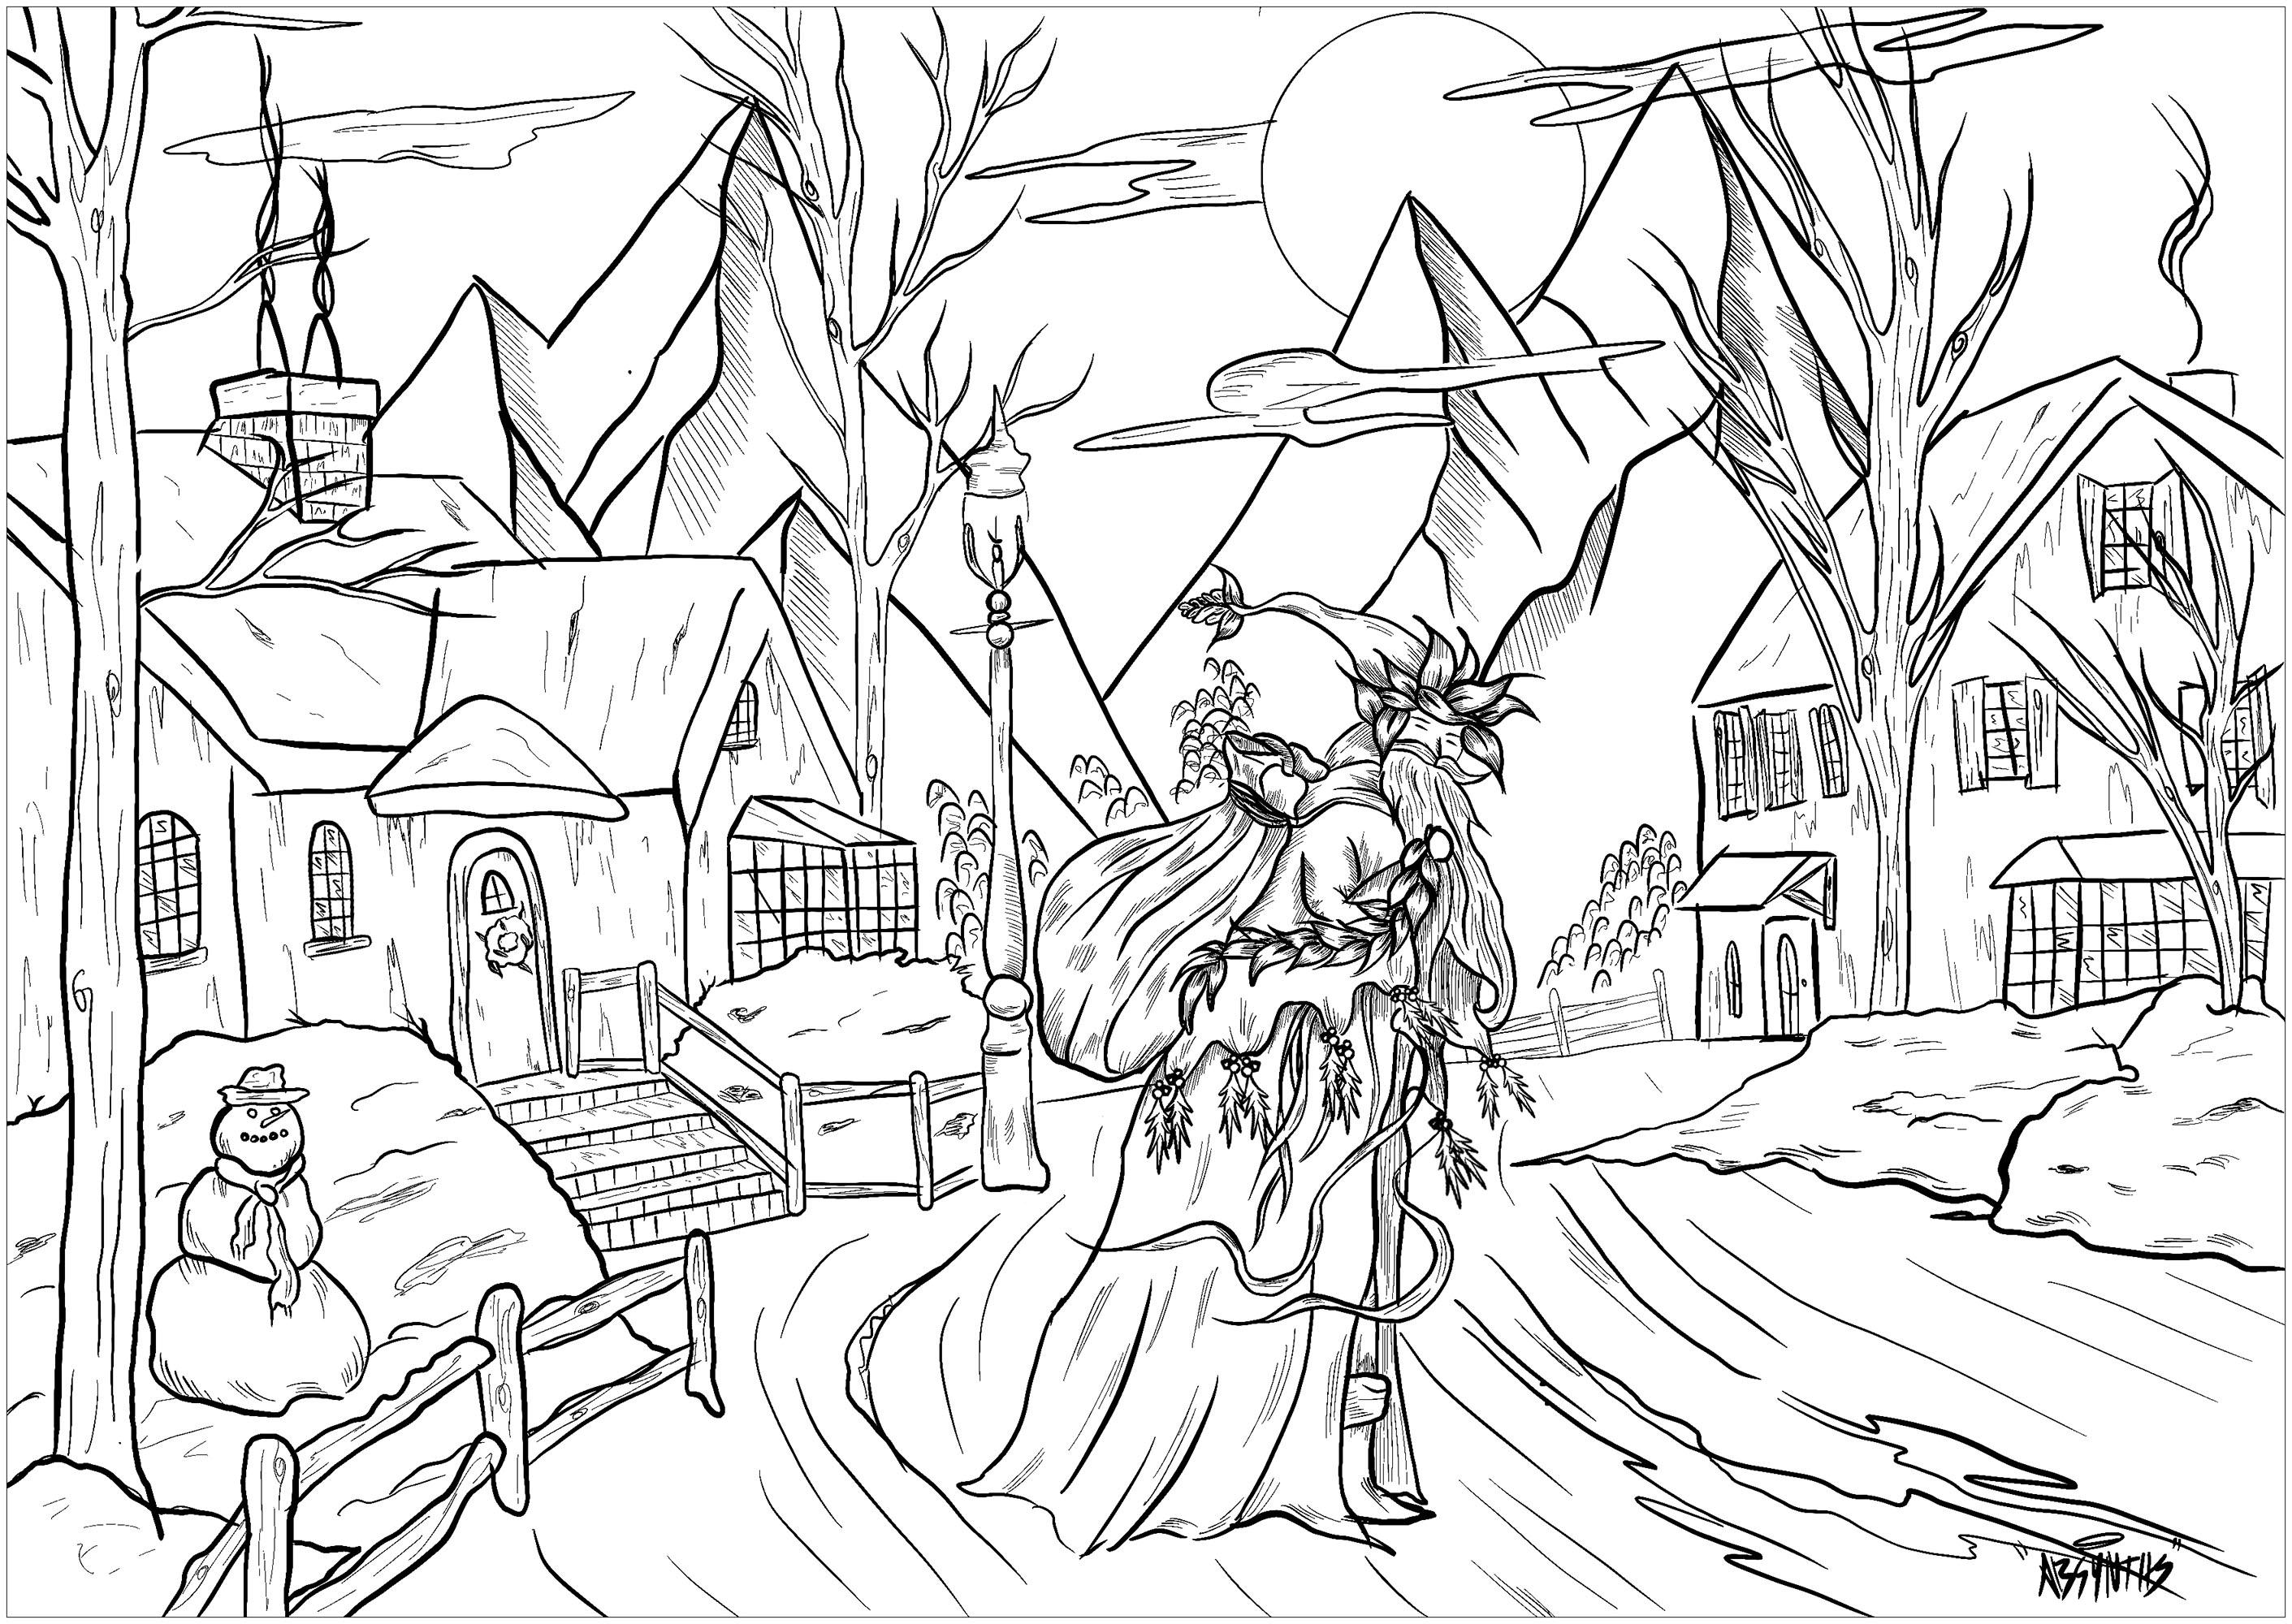 Christmas village and Santa Claus